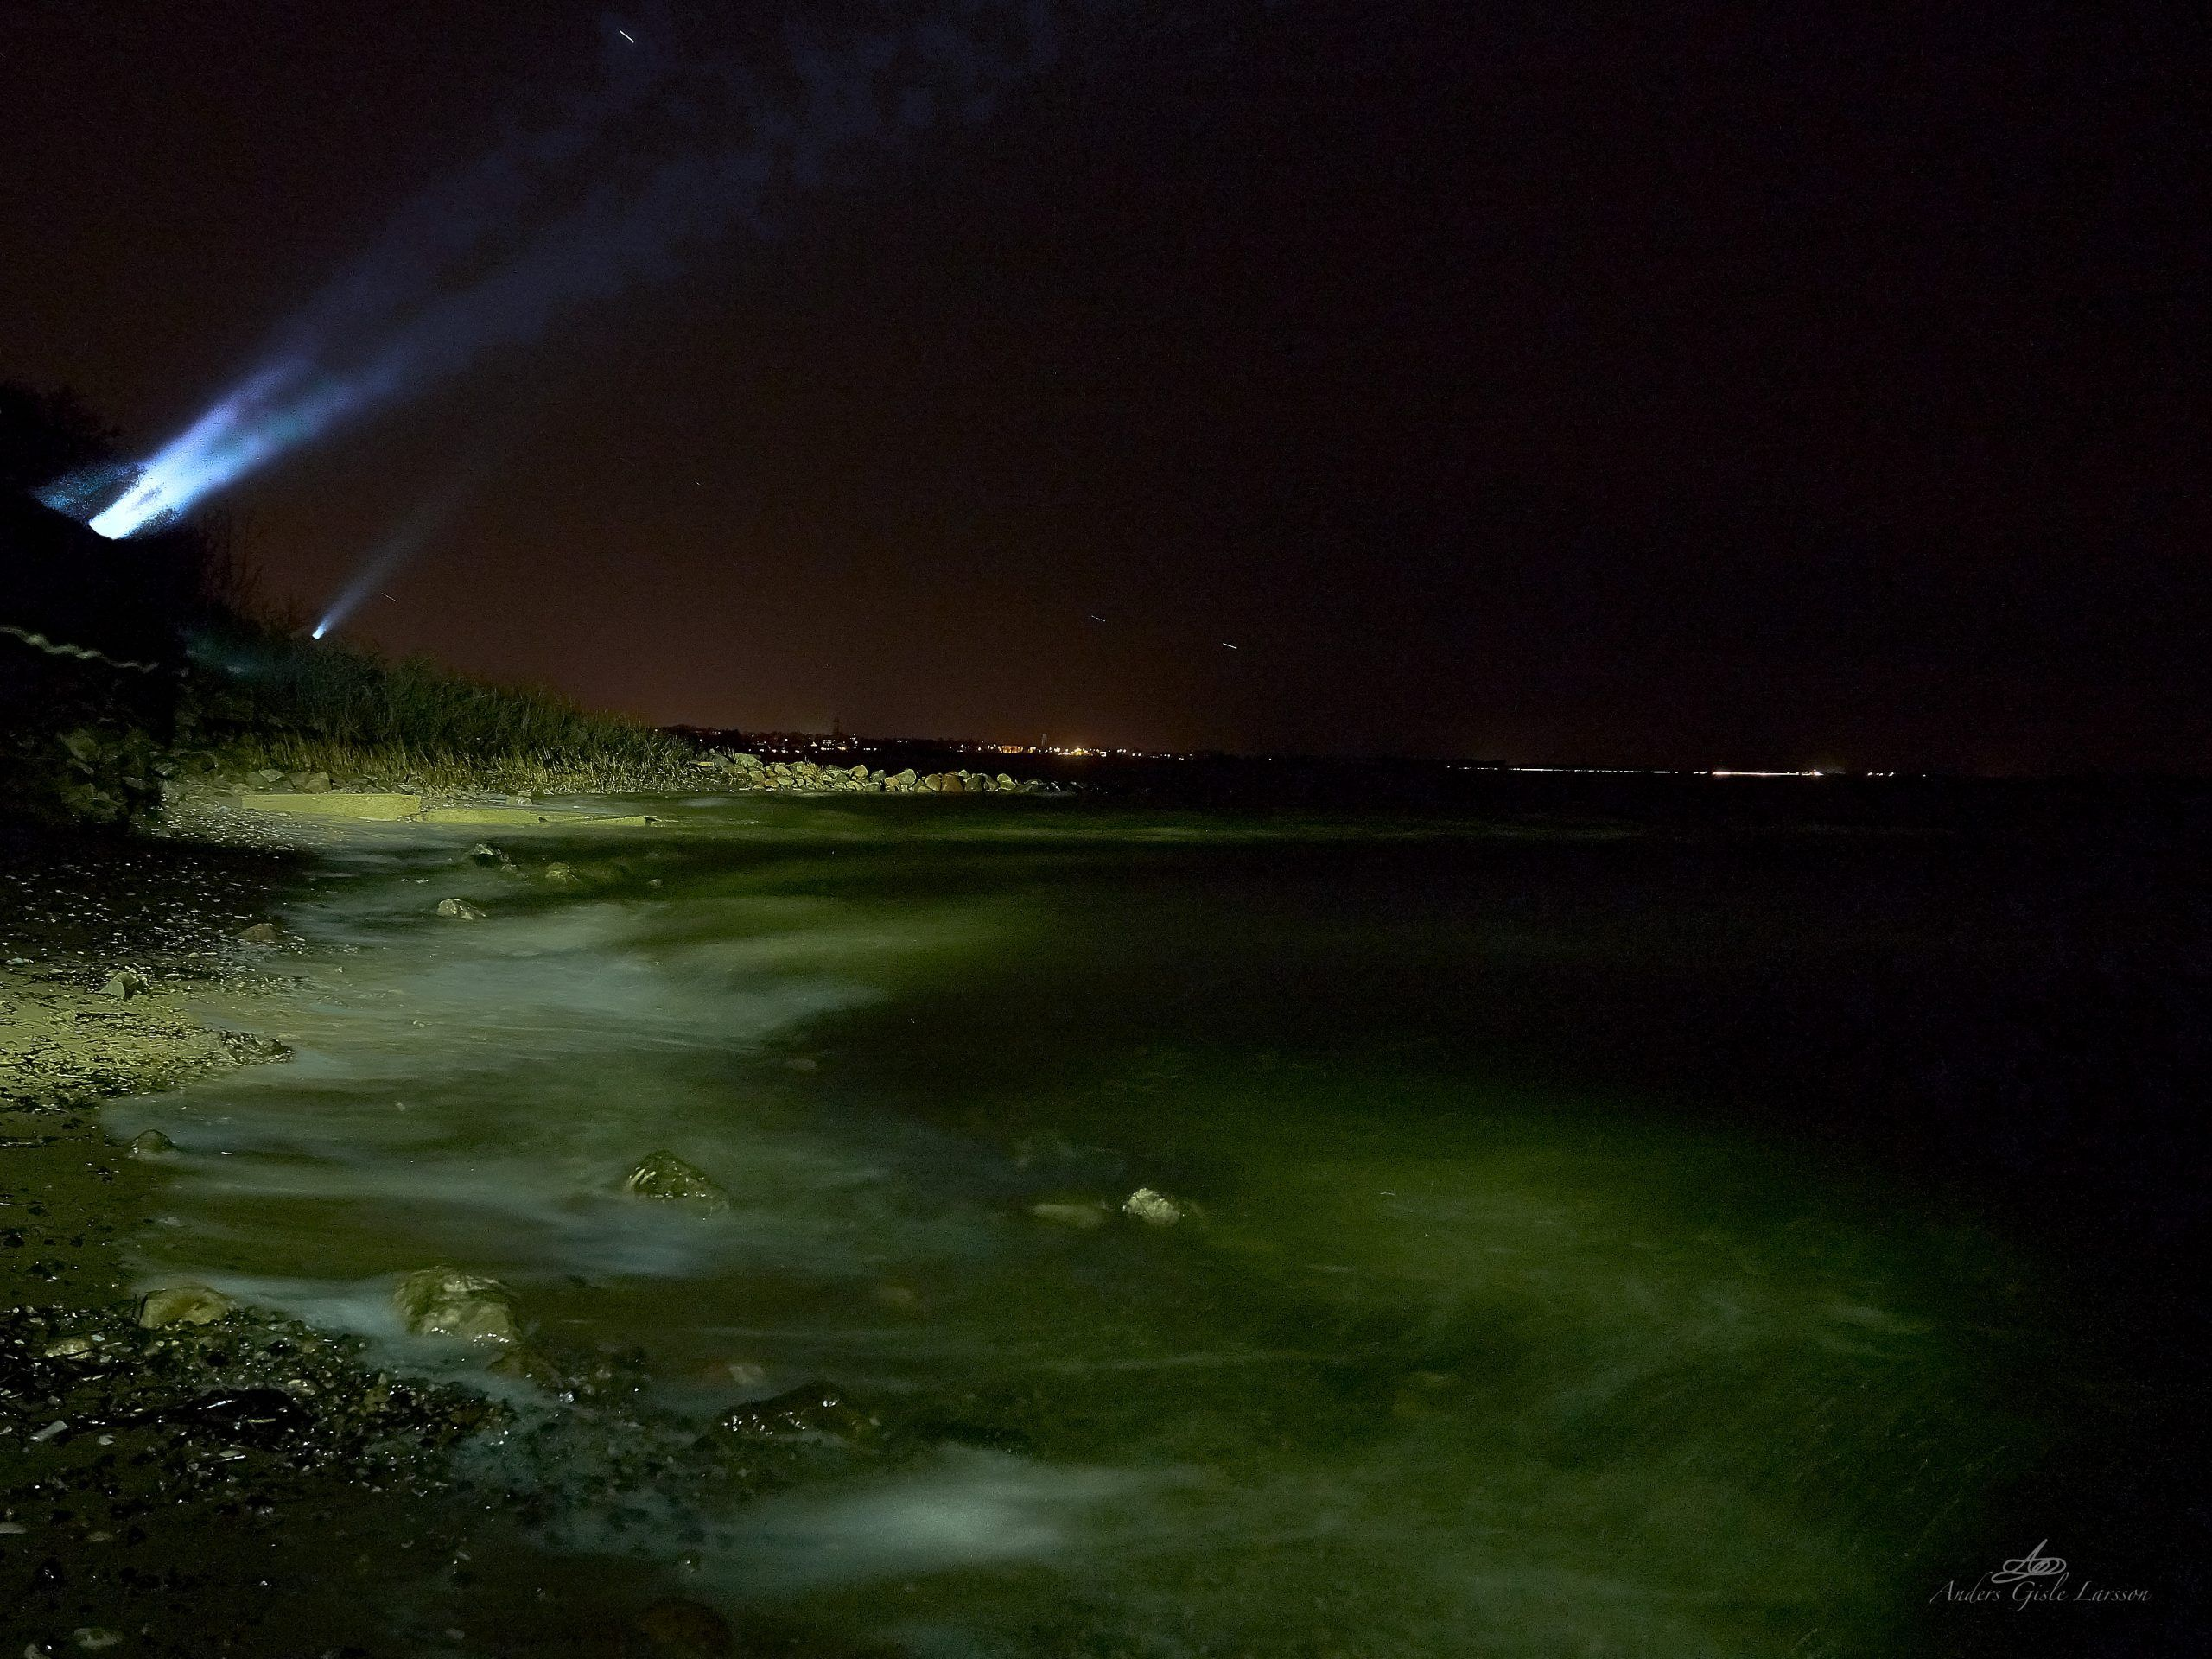 Et lys i mørket, Uge 2, Venø Bugt, Struer